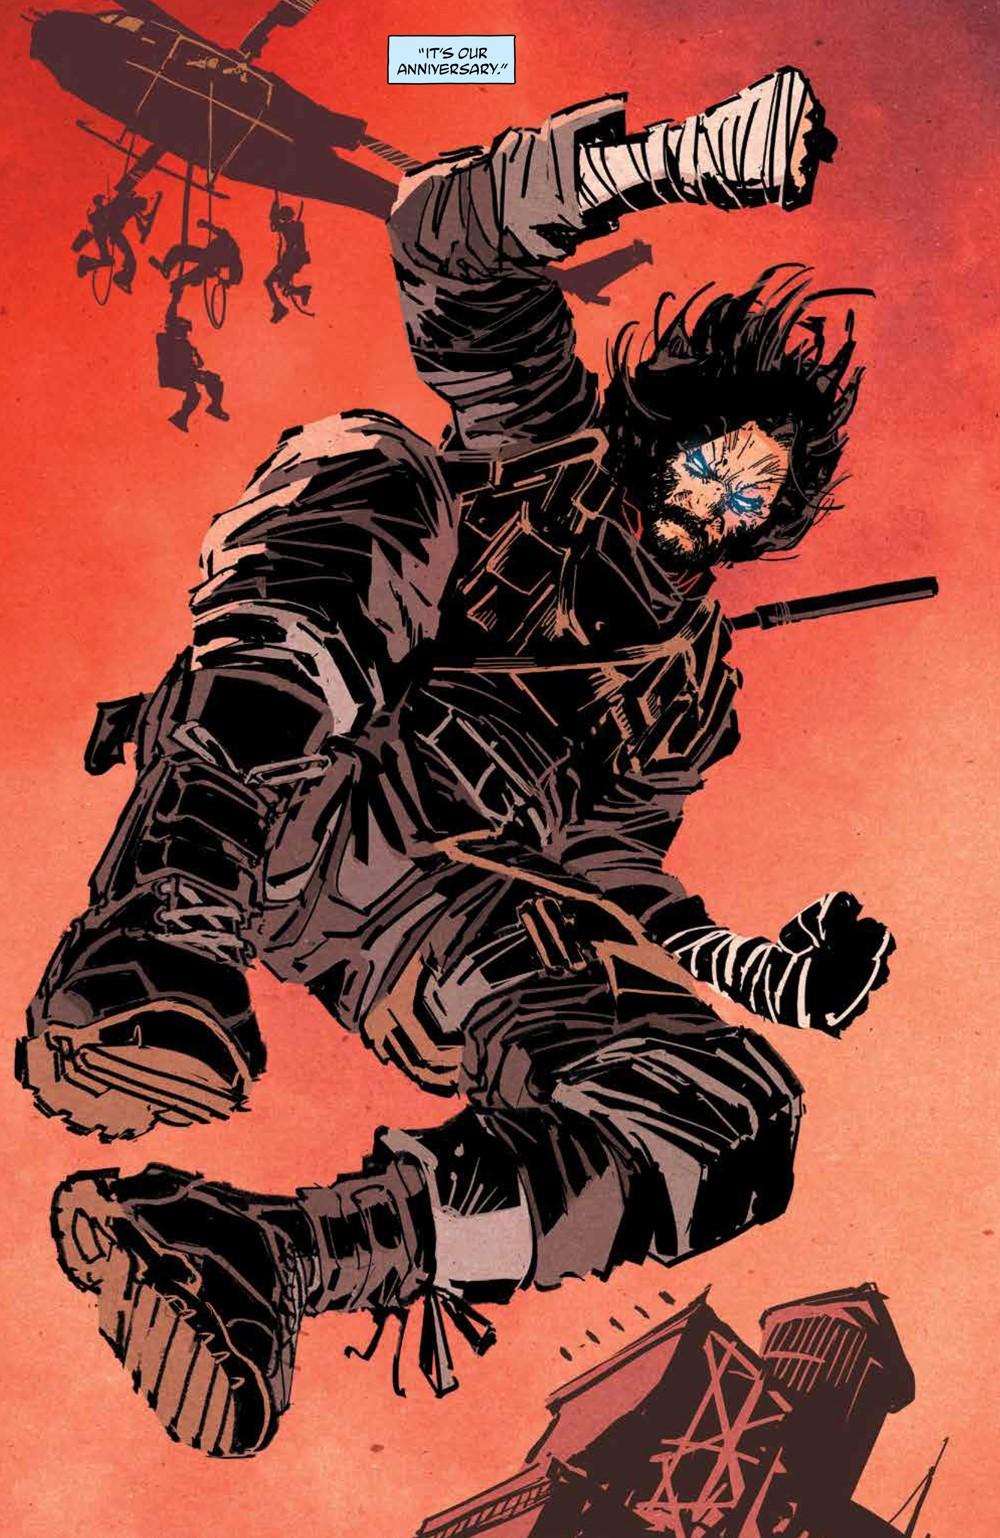 BRZRKR_v1_SC_PRESS_14 ComicList Previews: BRZRKR VOLUME 1 TP